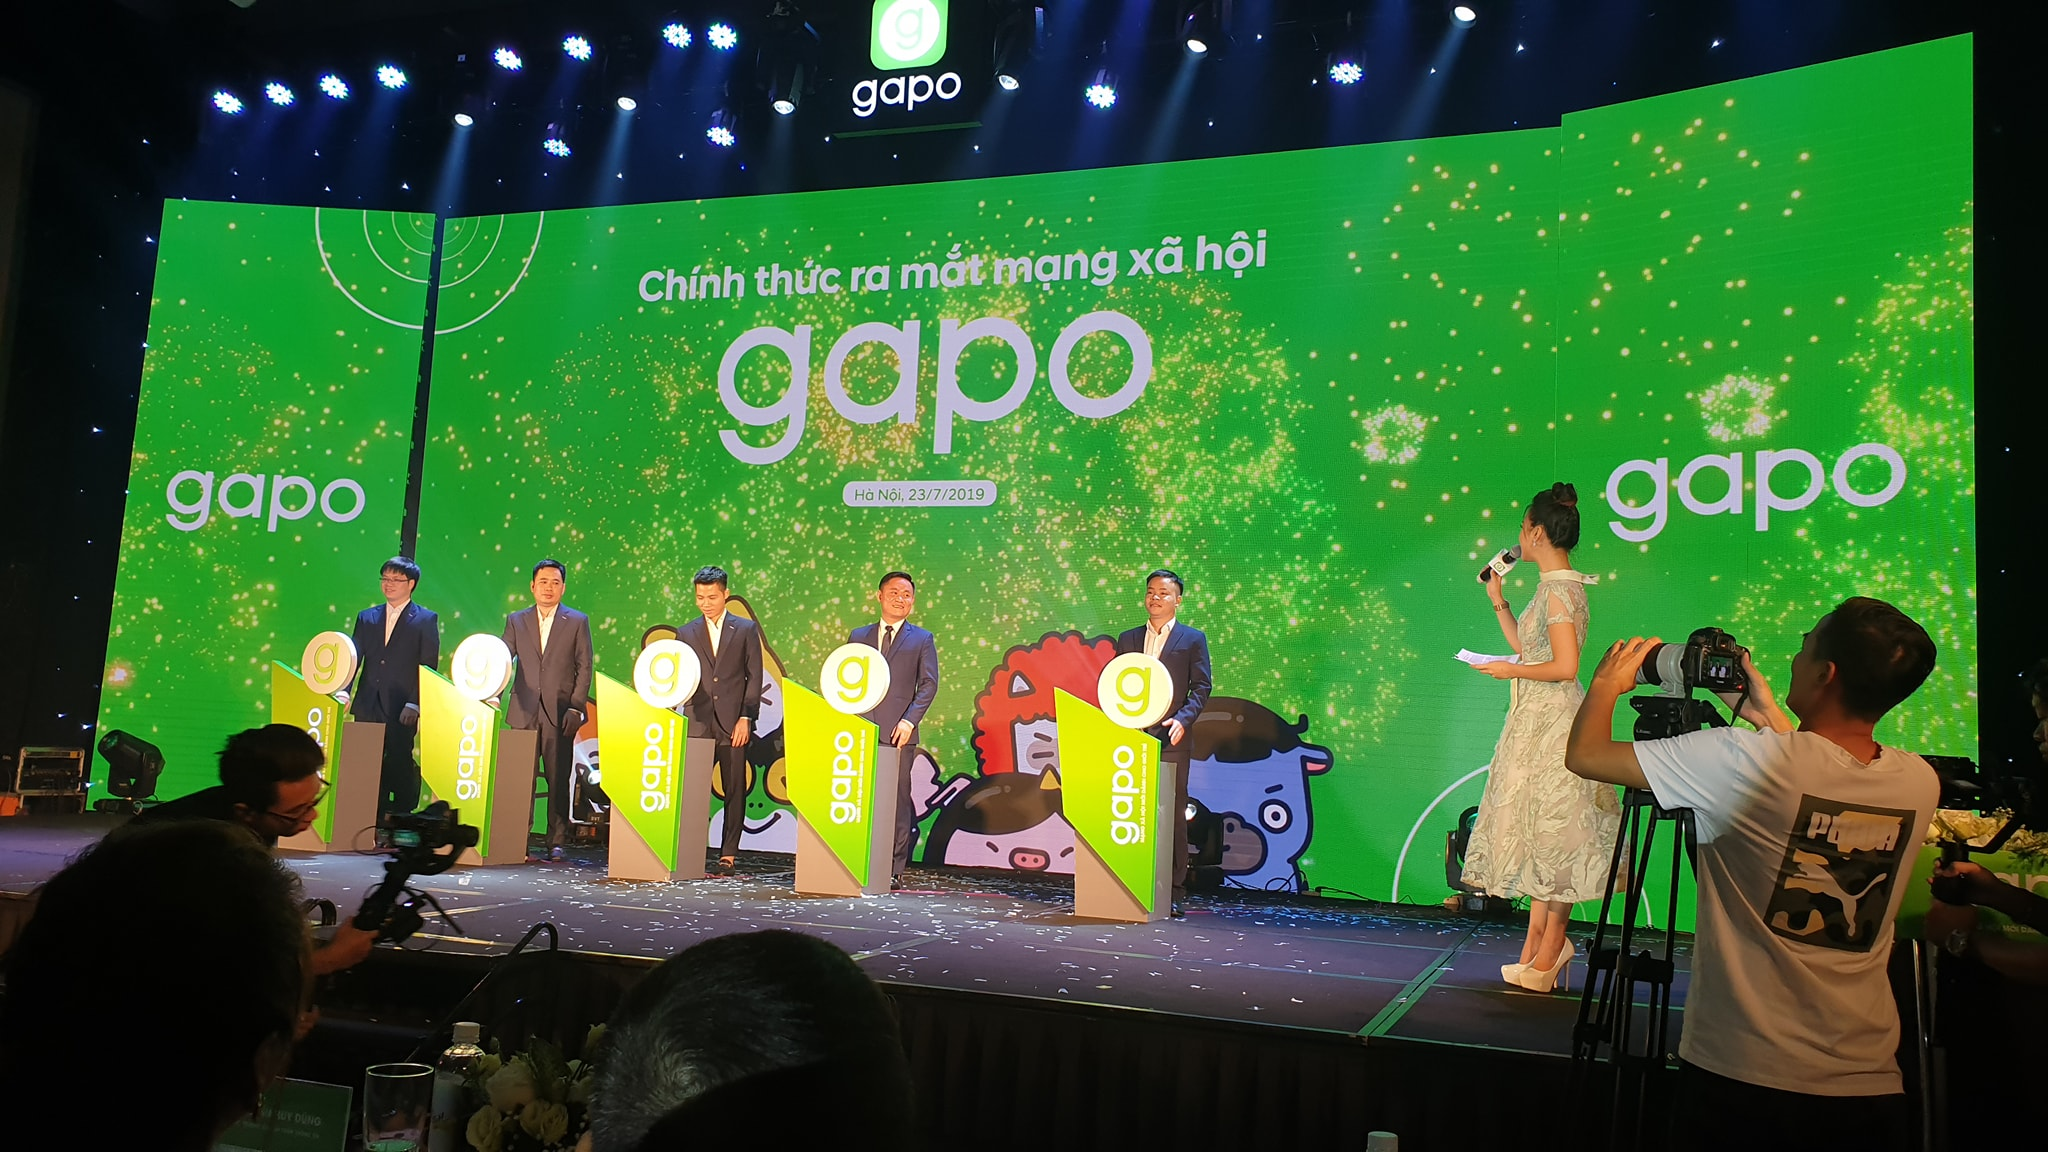 ictnews-Nhận 500 tỷ đầu tư, Gapo đặt mục tiêu 50 triệu người dùng trong giai đoạn đầu